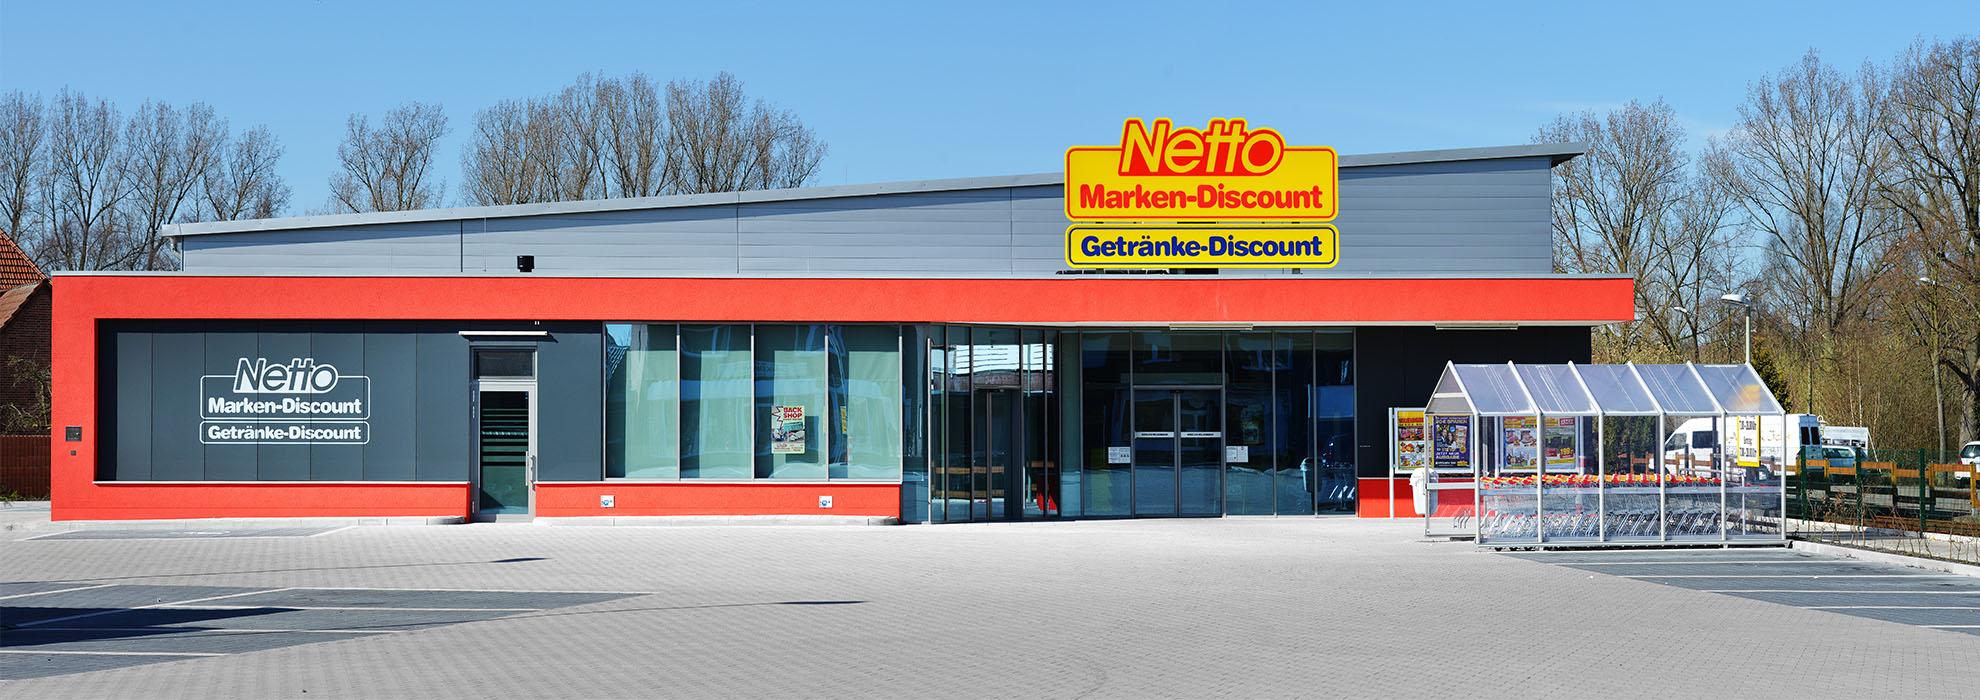 Netto - Architekten Spiekermann